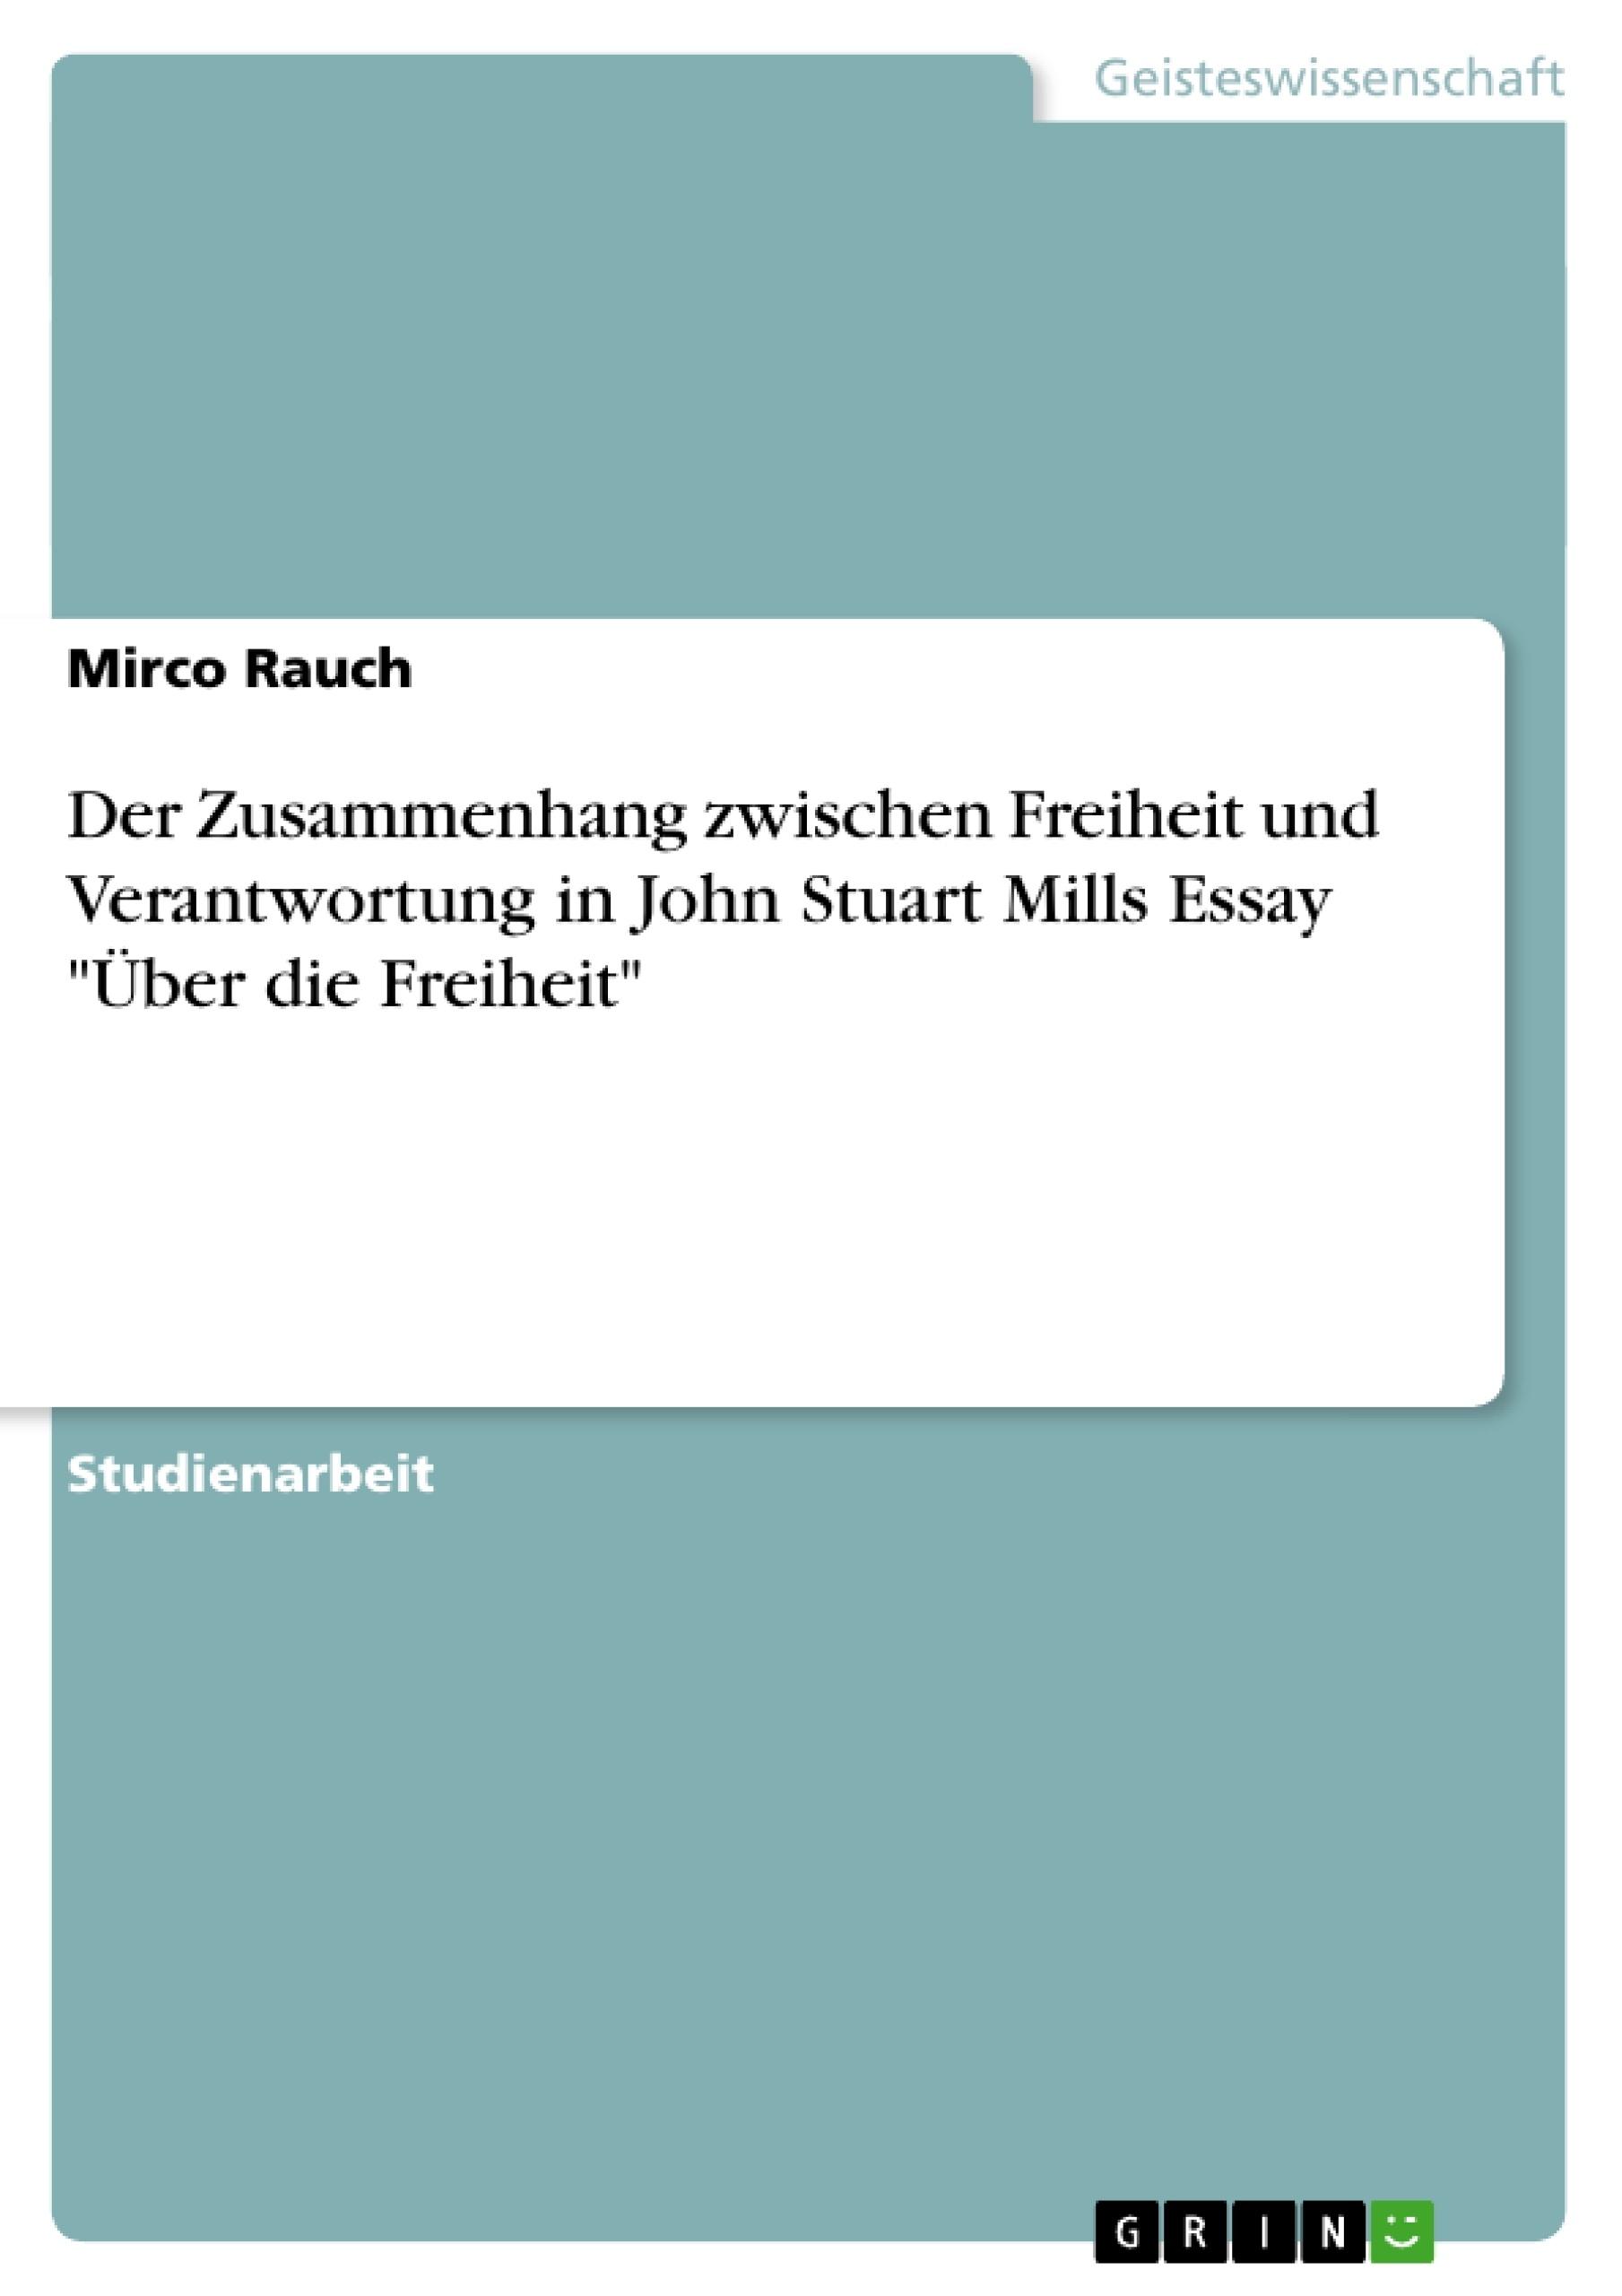 """Titel: Der Zusammenhang zwischen Freiheit und Verantwortung in John Stuart Mills Essay """"Über die Freiheit"""""""